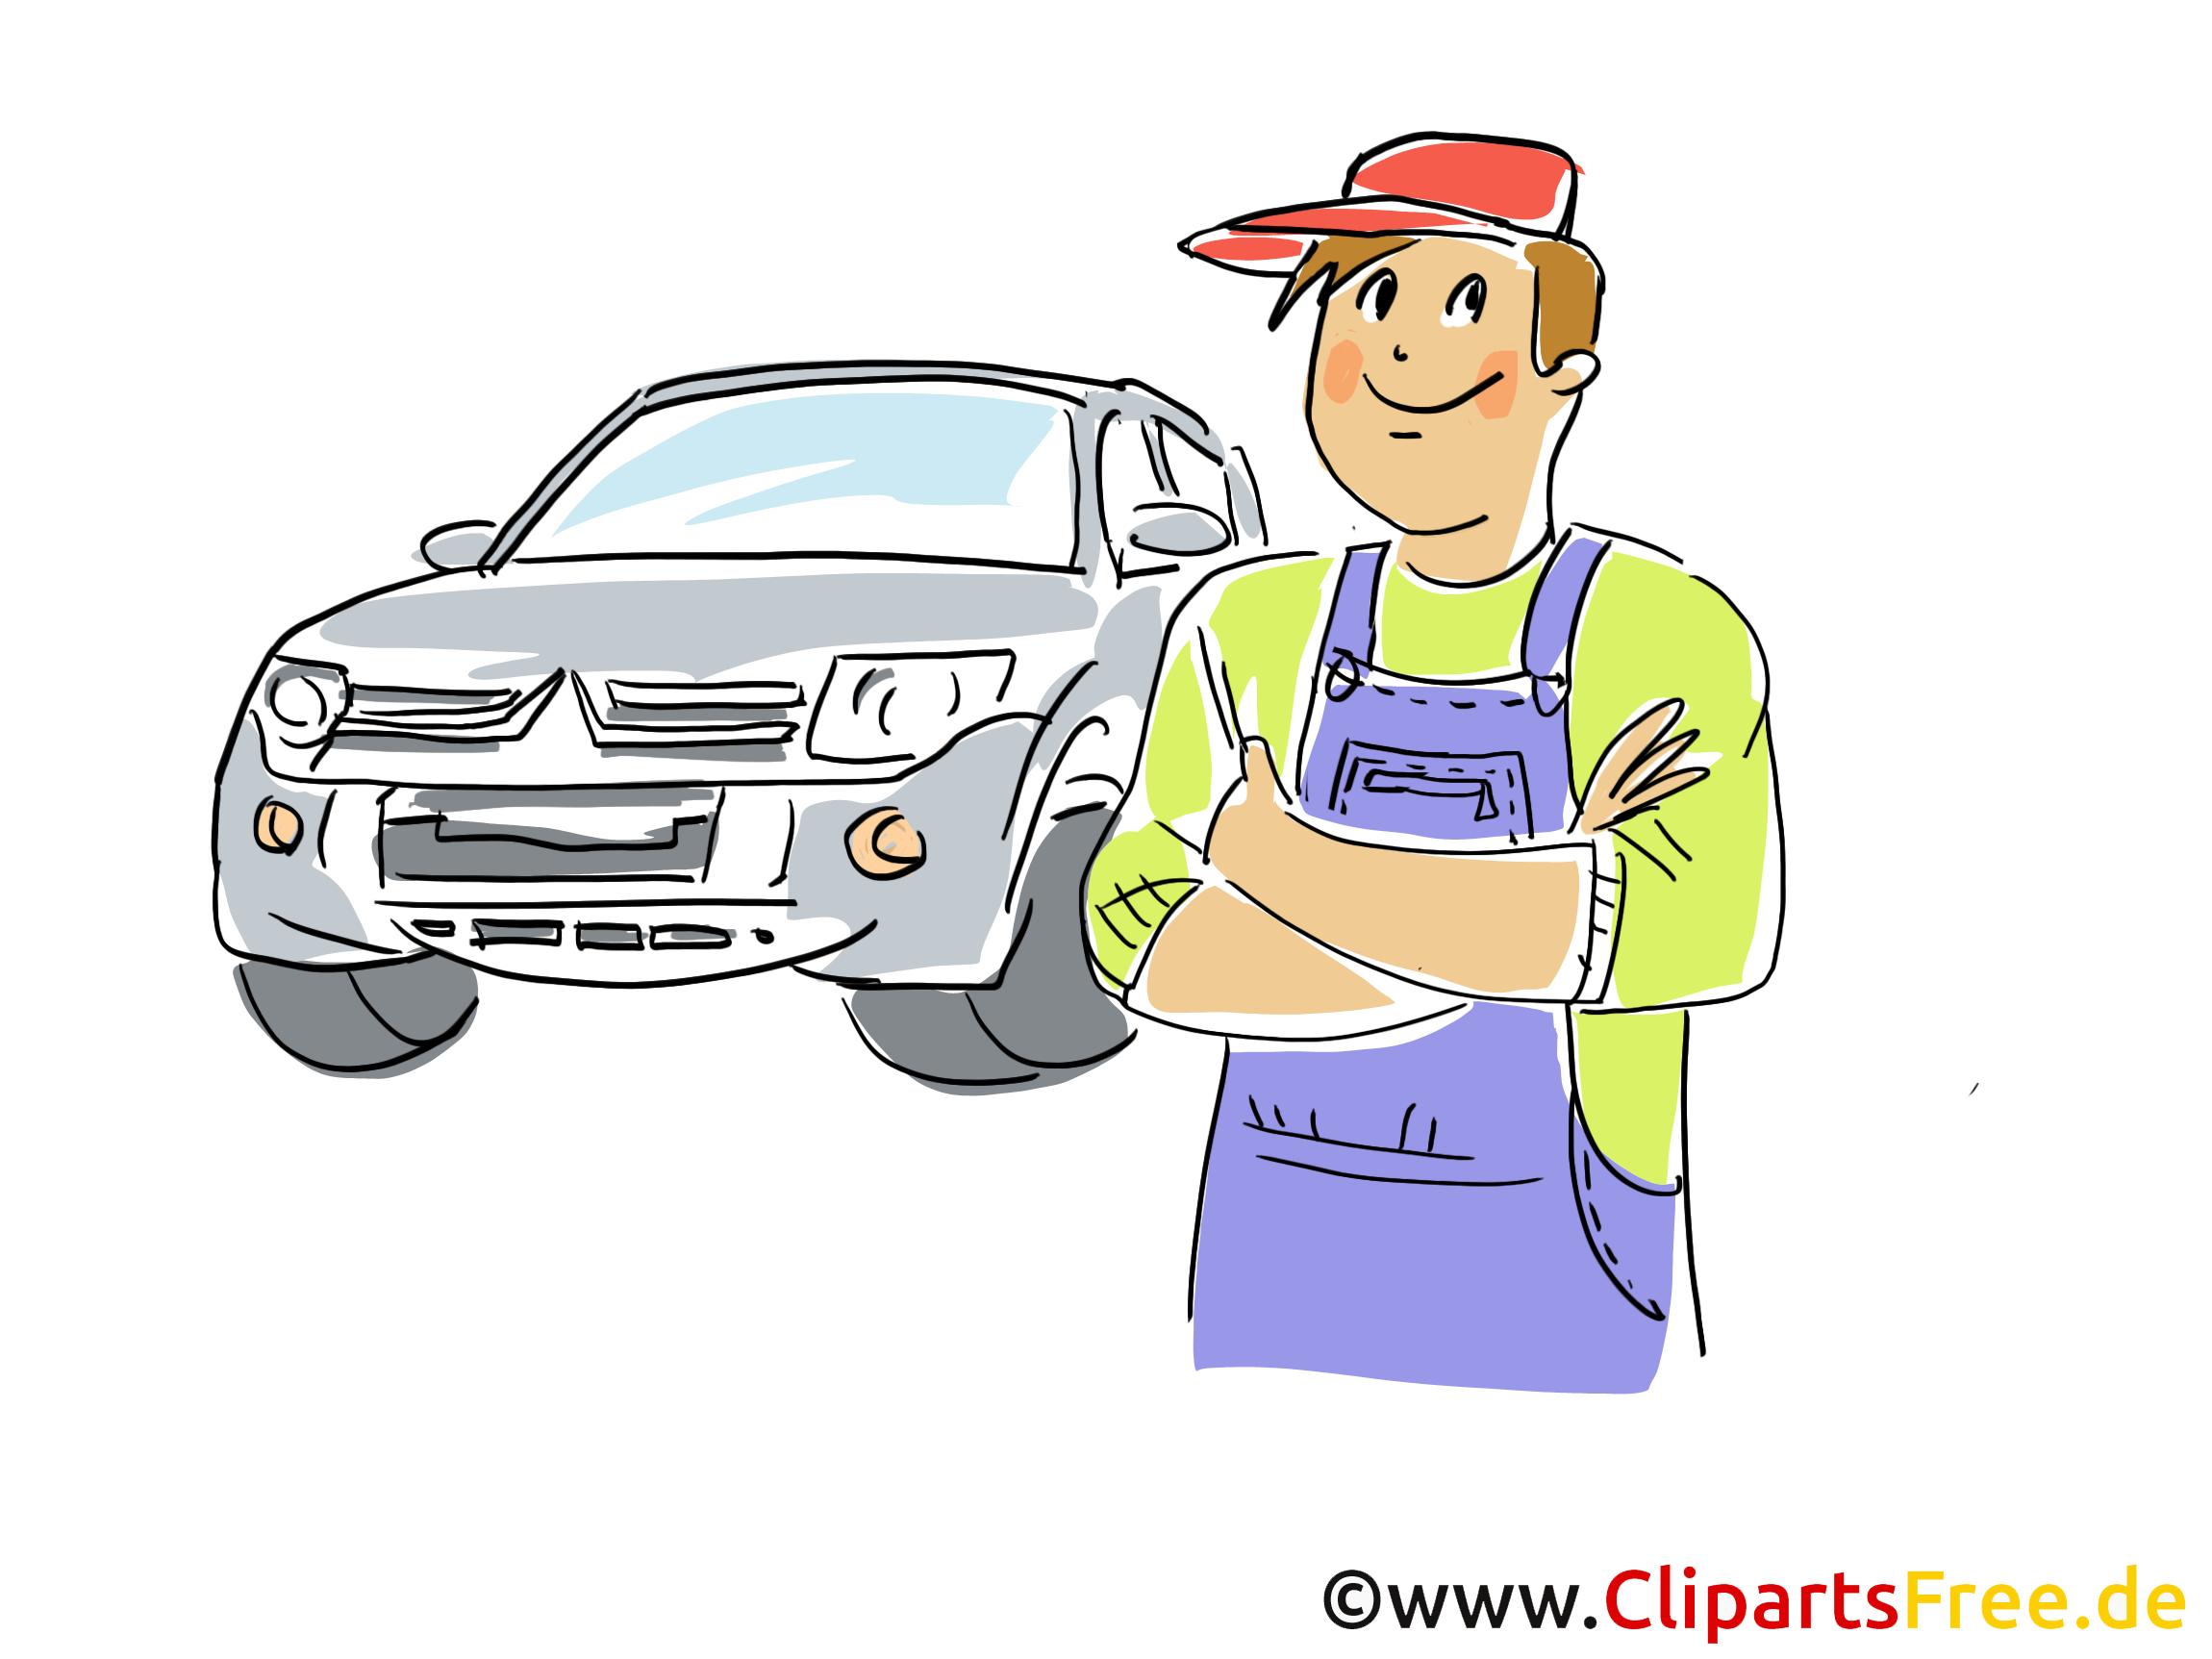 Autohaus Kfz An- und Verkauf Bild, Clipart, Illustration, Grafik gratis